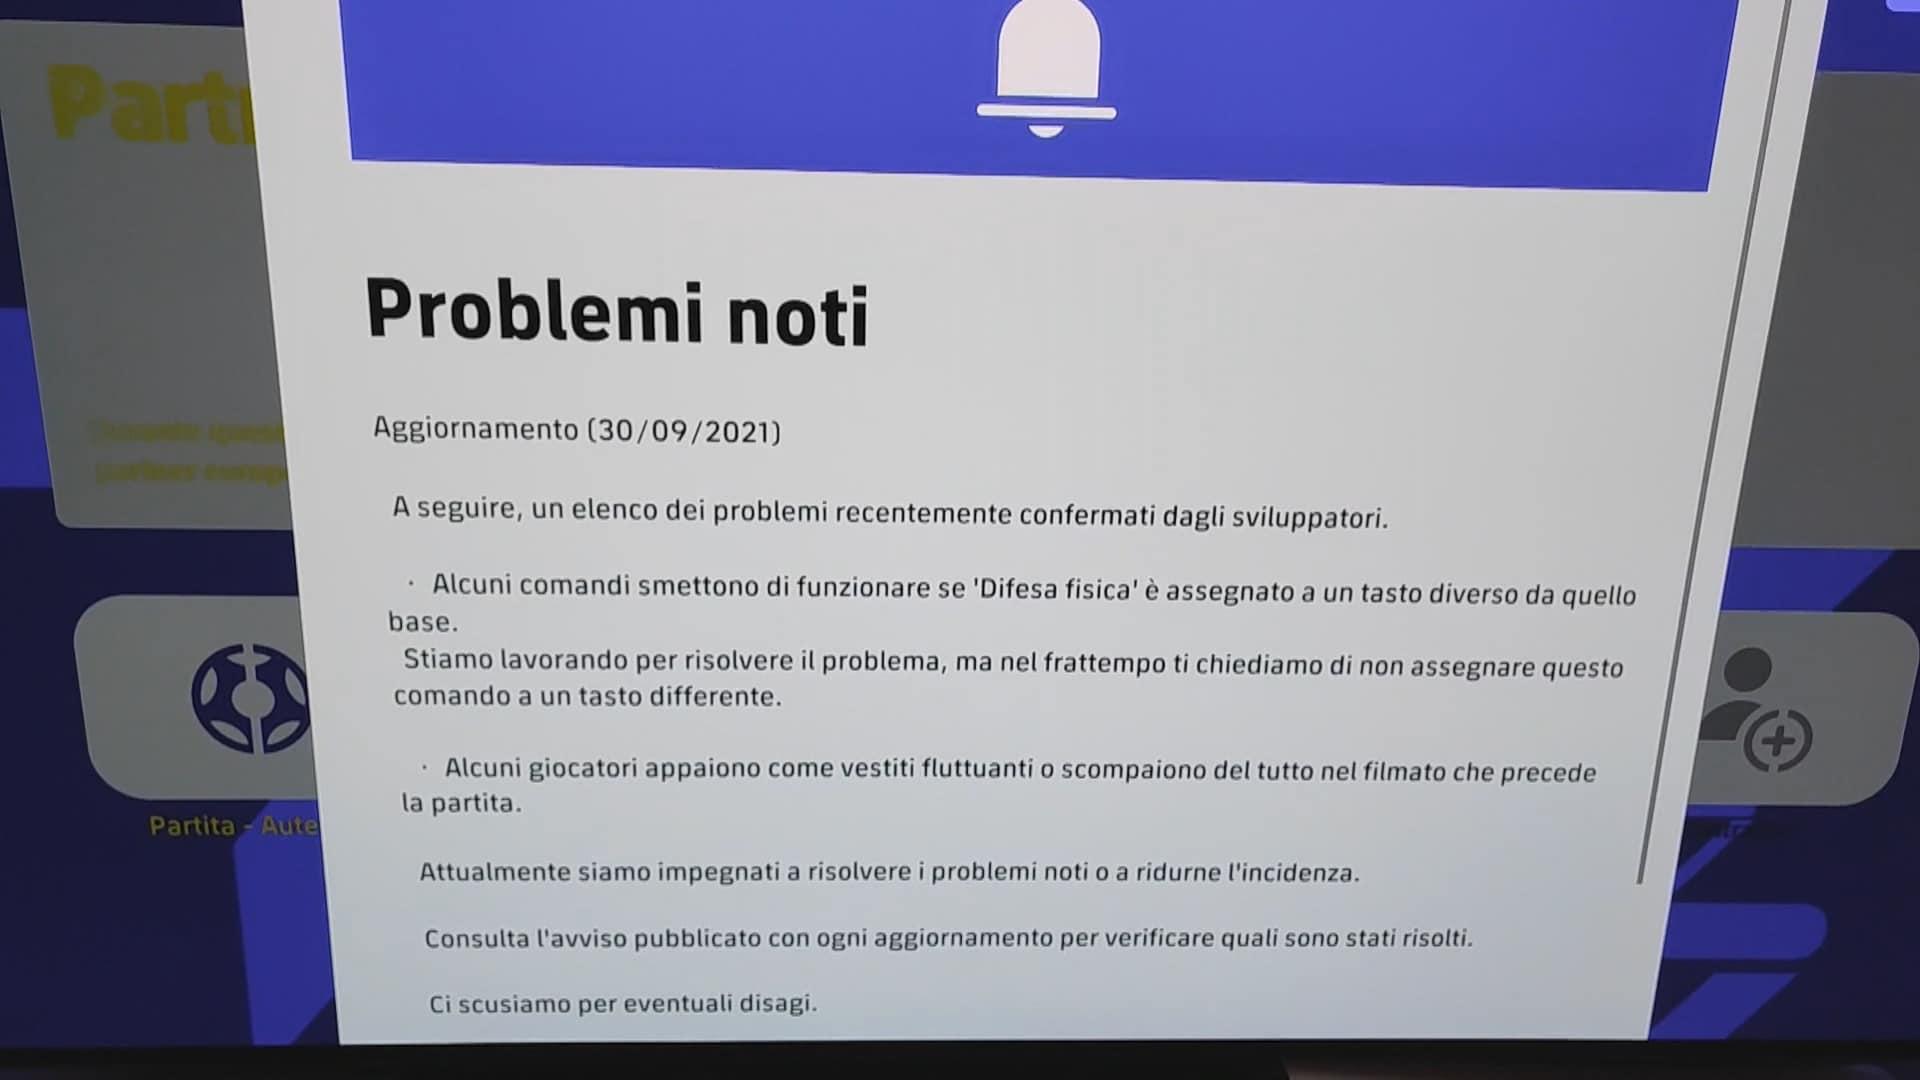 eFootball, avviso di possibili problemi